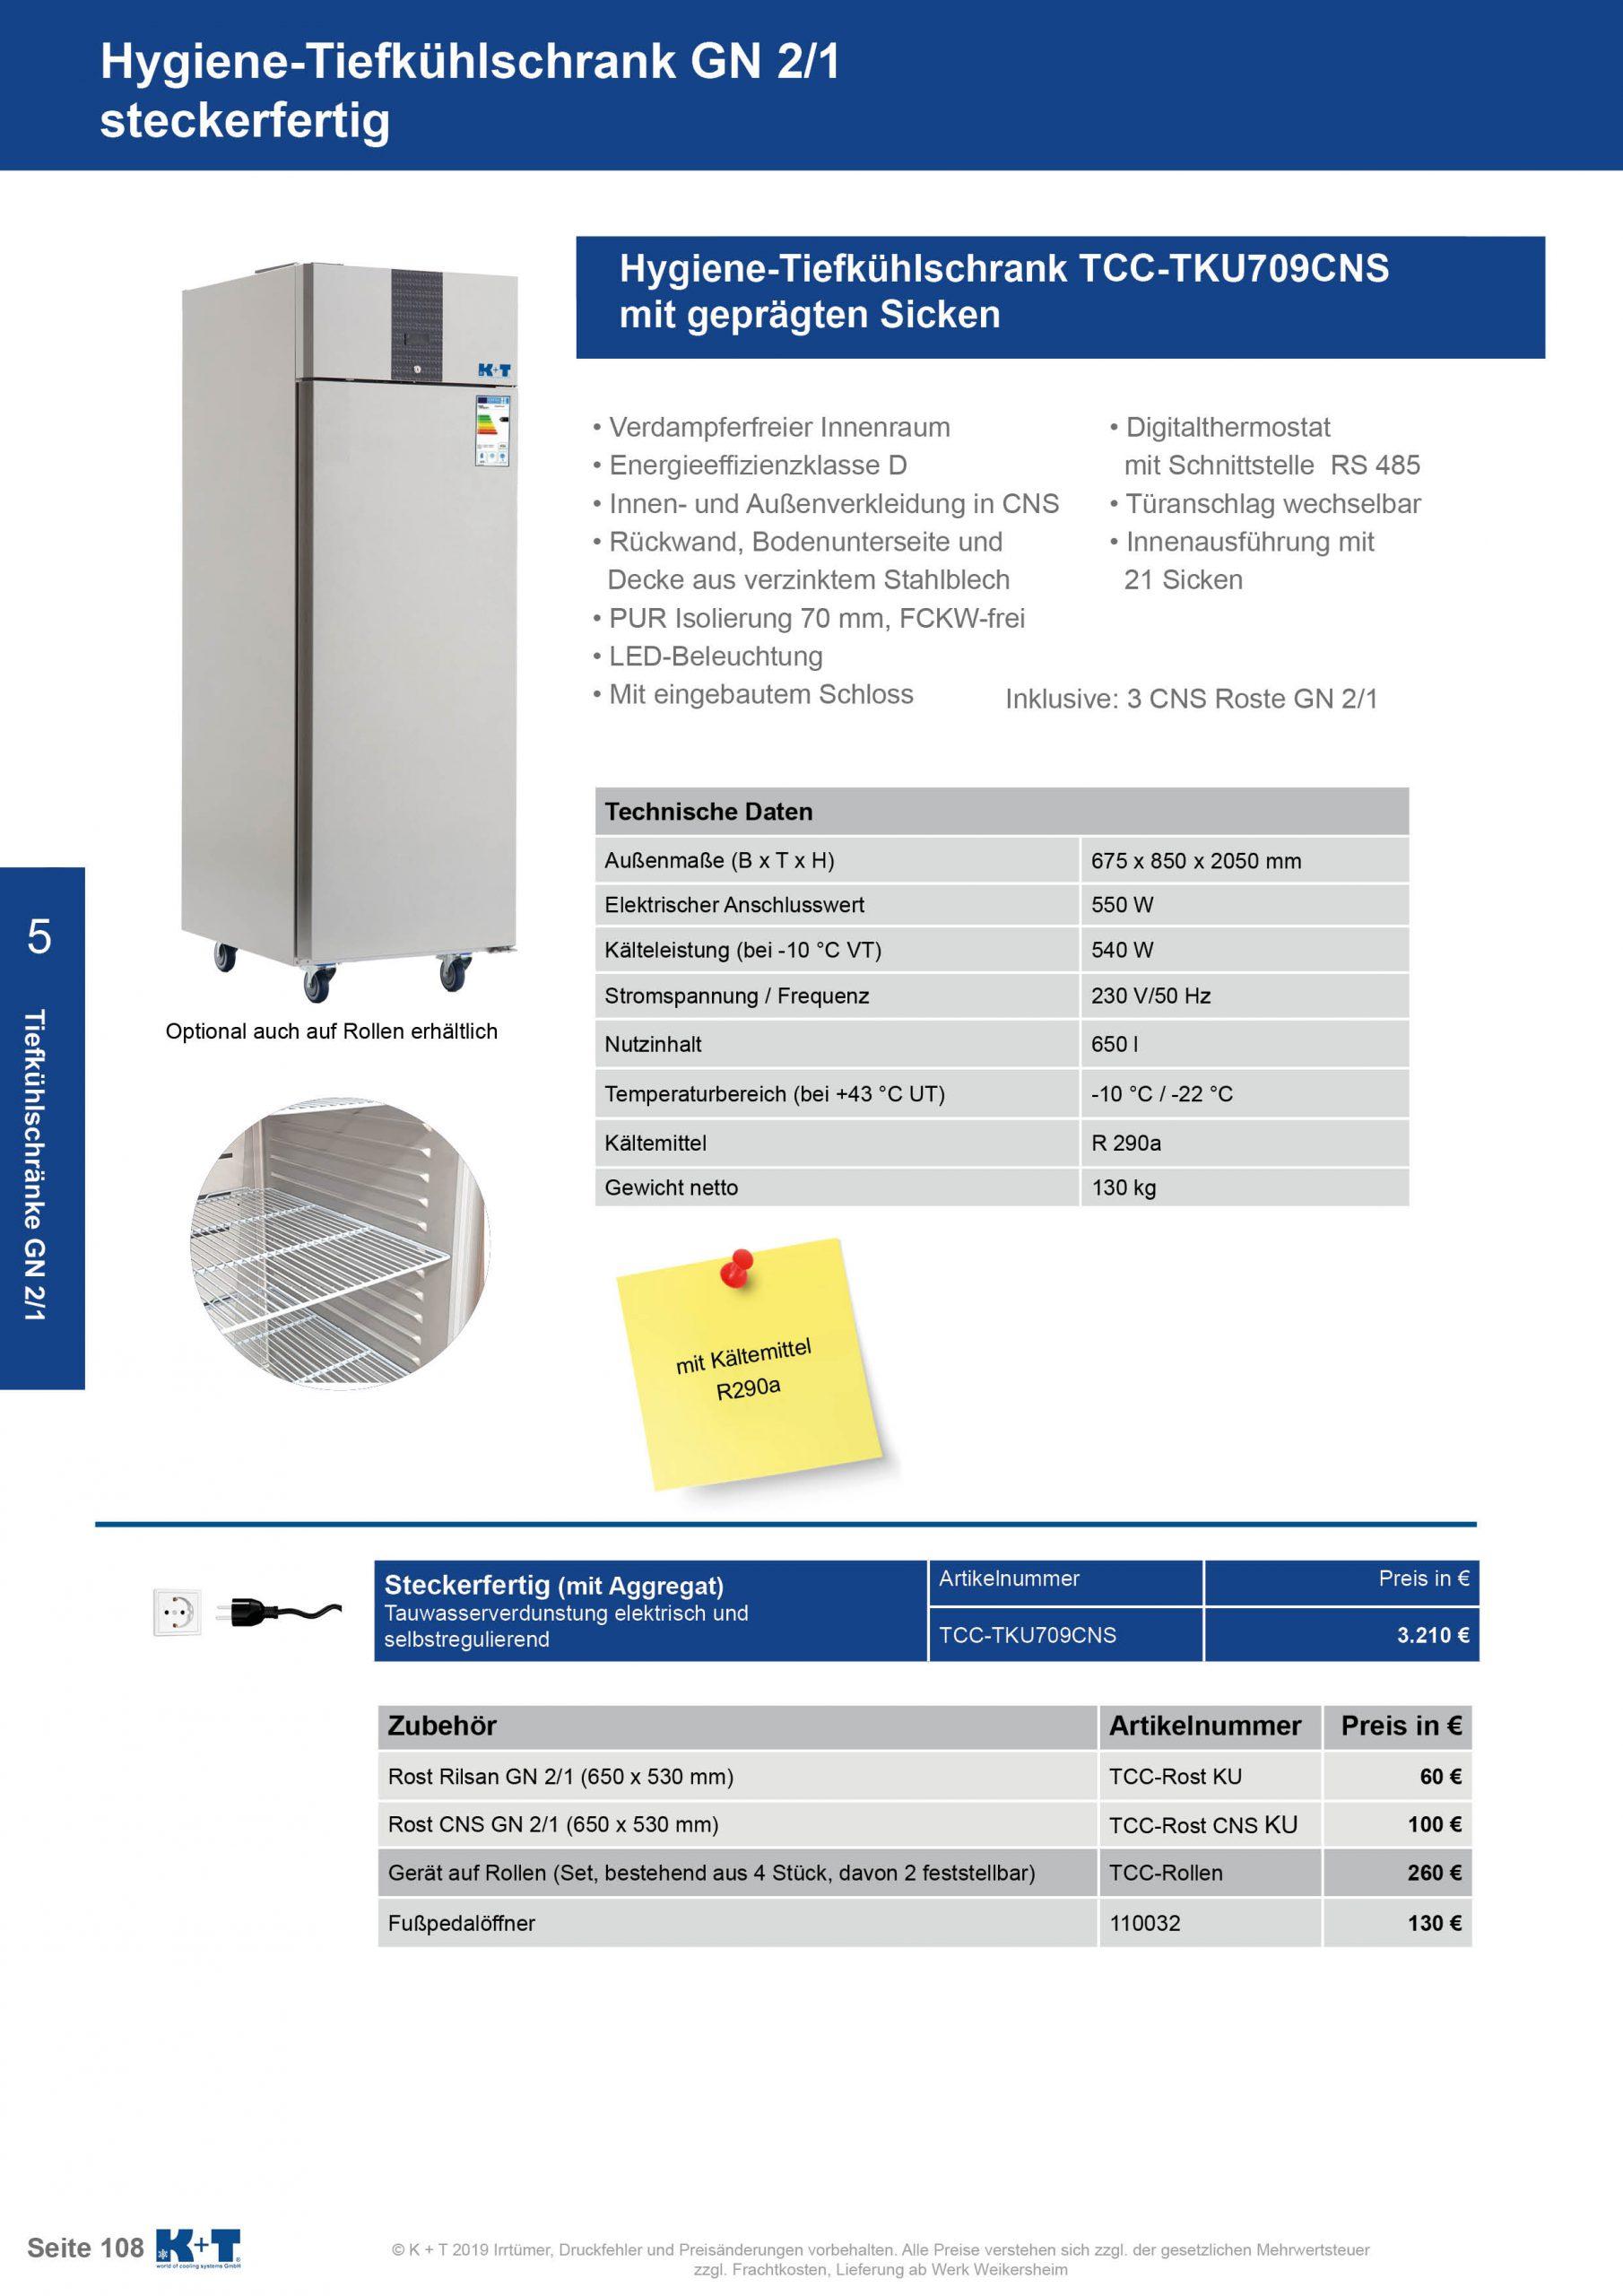 Tiefkühlschränke GN 2_1 Hygienetiefkühlschrank steckerfertig